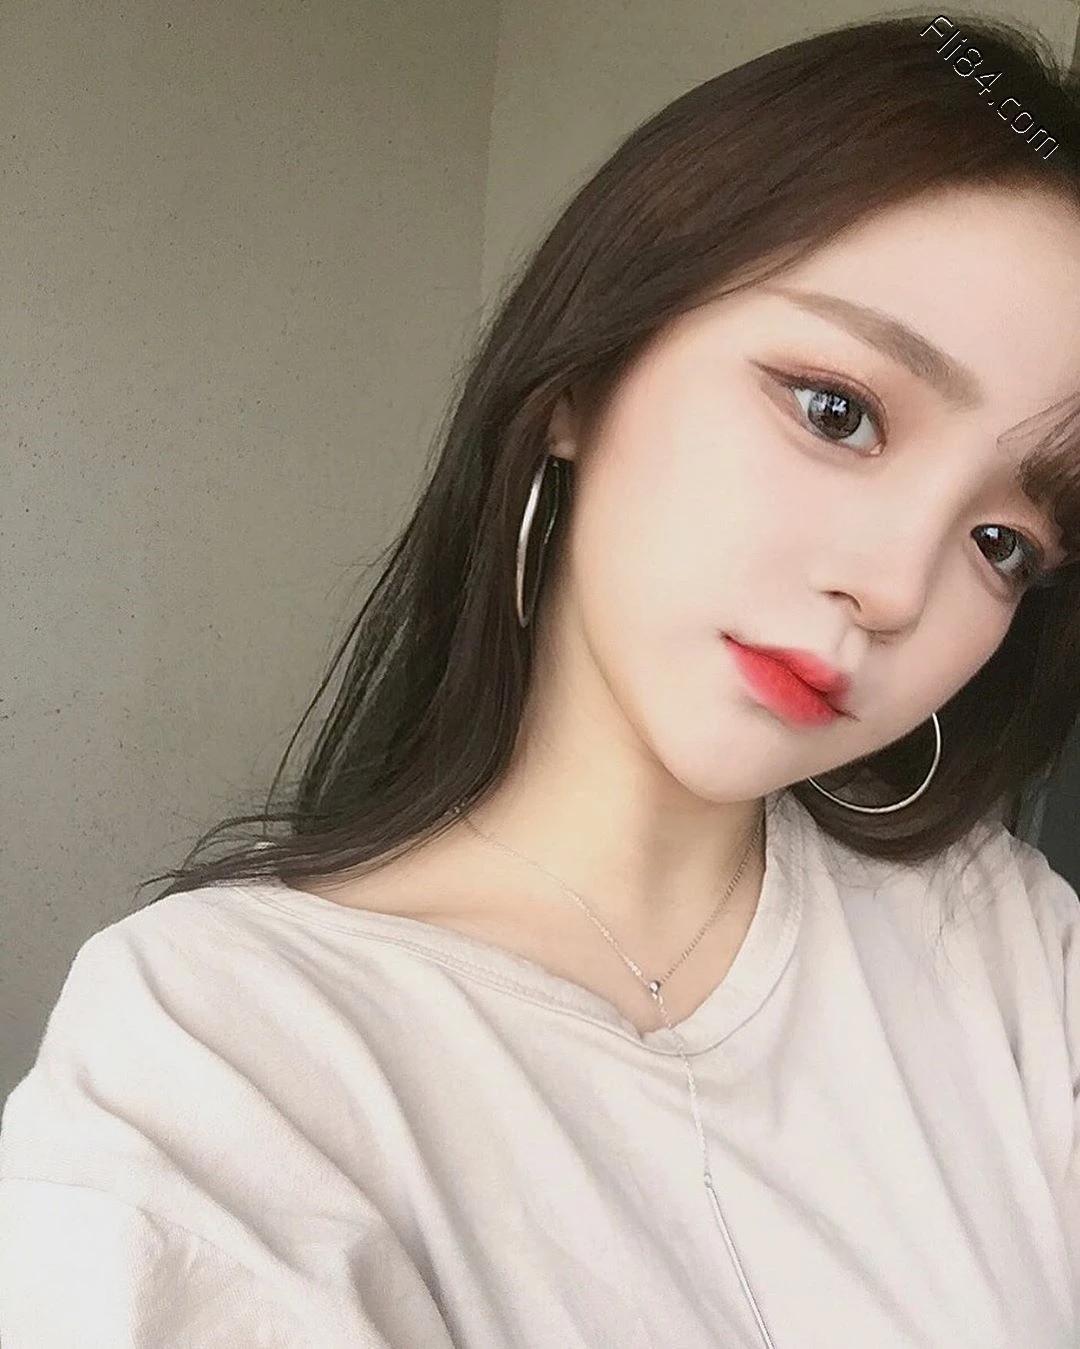 """童颜巨乳妹子""""서현주"""",性感和可爱原来都可以有!"""